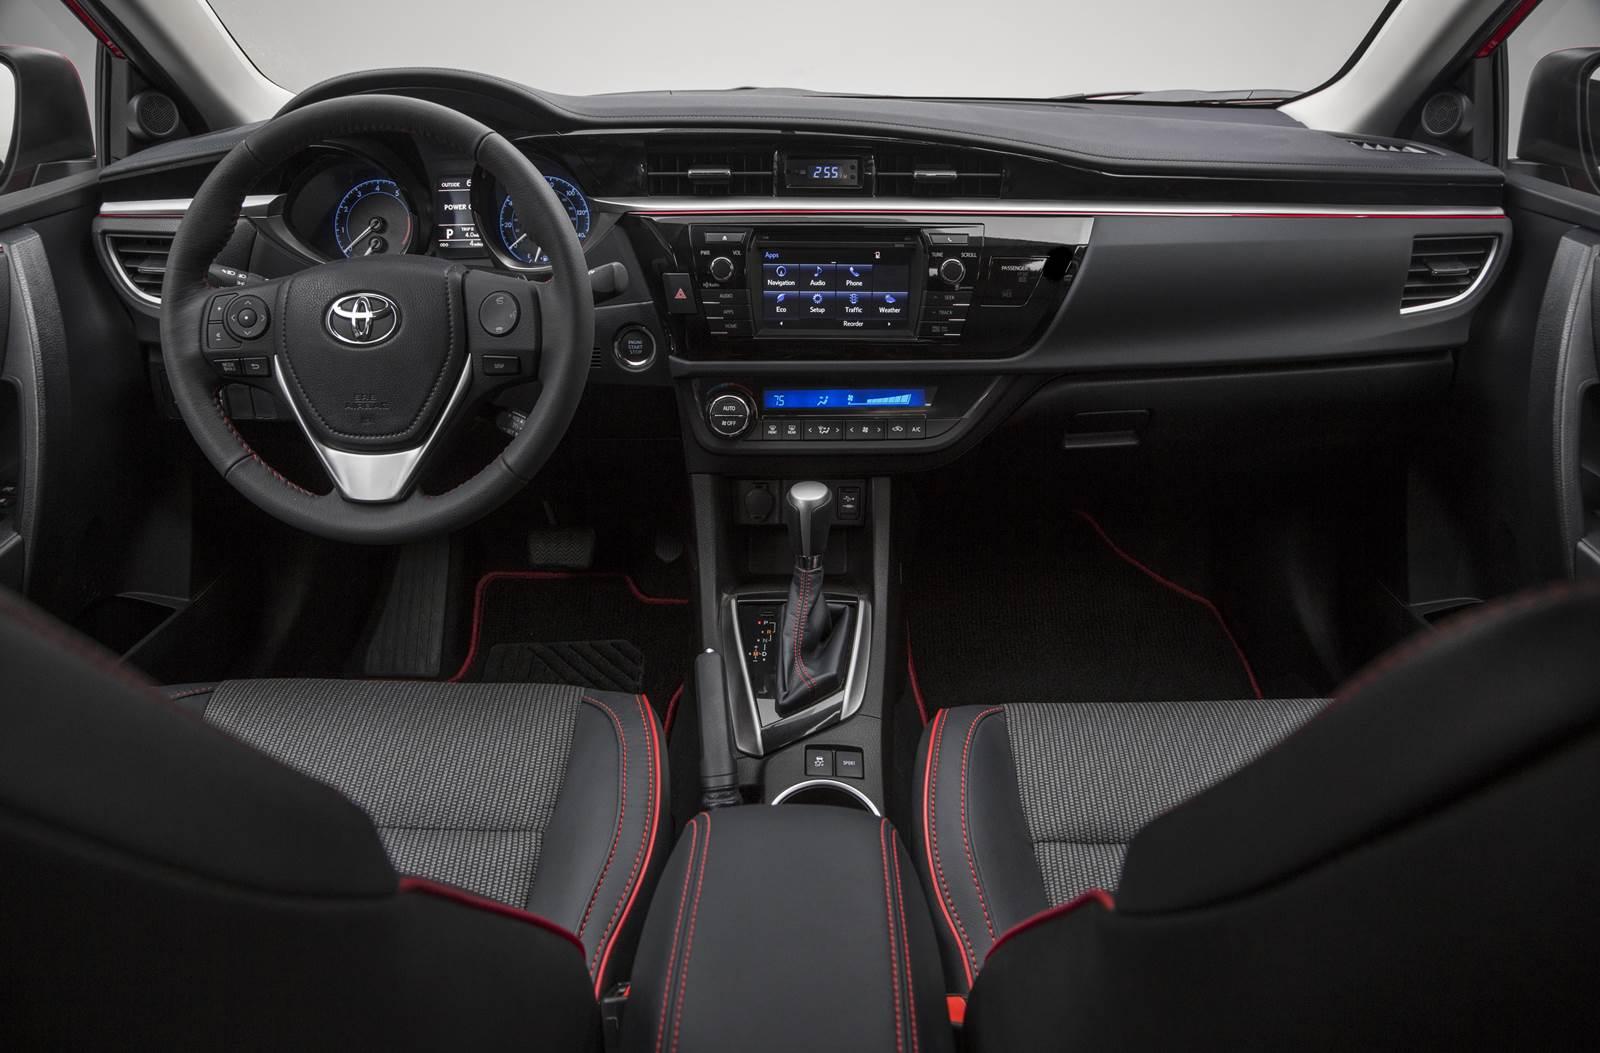 interior all new camry 2016 toyota yaris trd sportivo manual 2012 corolla special edition é lançado nos eua